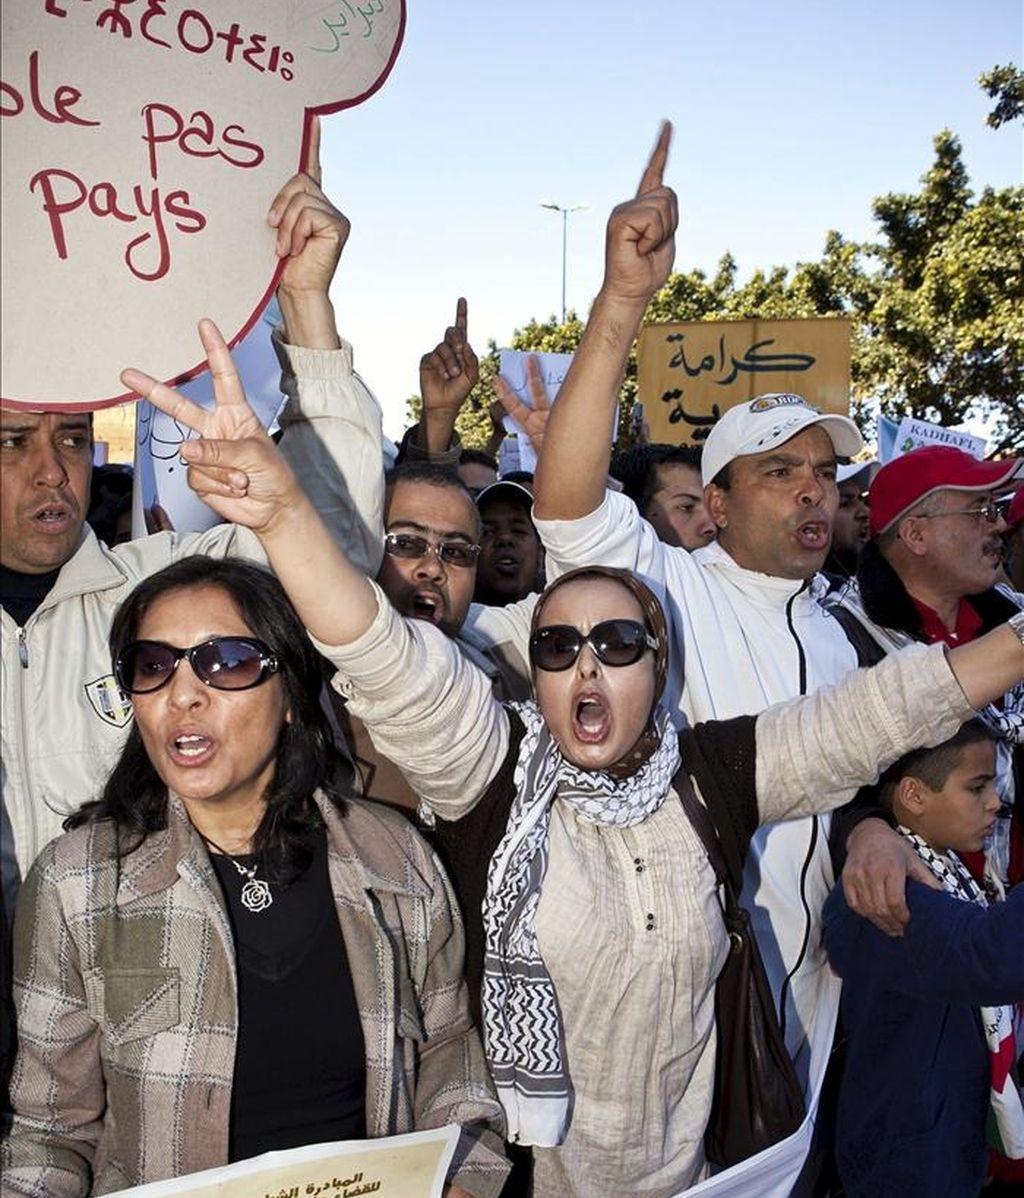 Siete manifestantes resultaron heridos y otros cinco detenidos en los enfrentamientos que se produjeron hoy ante el ministerio marroquí de Educación en Rabat, donde se había convocado una protesta de diplomados universitarios en paro que fue disuelta por la policía, informaron los convocantes de la marcha. EFE/Archivo